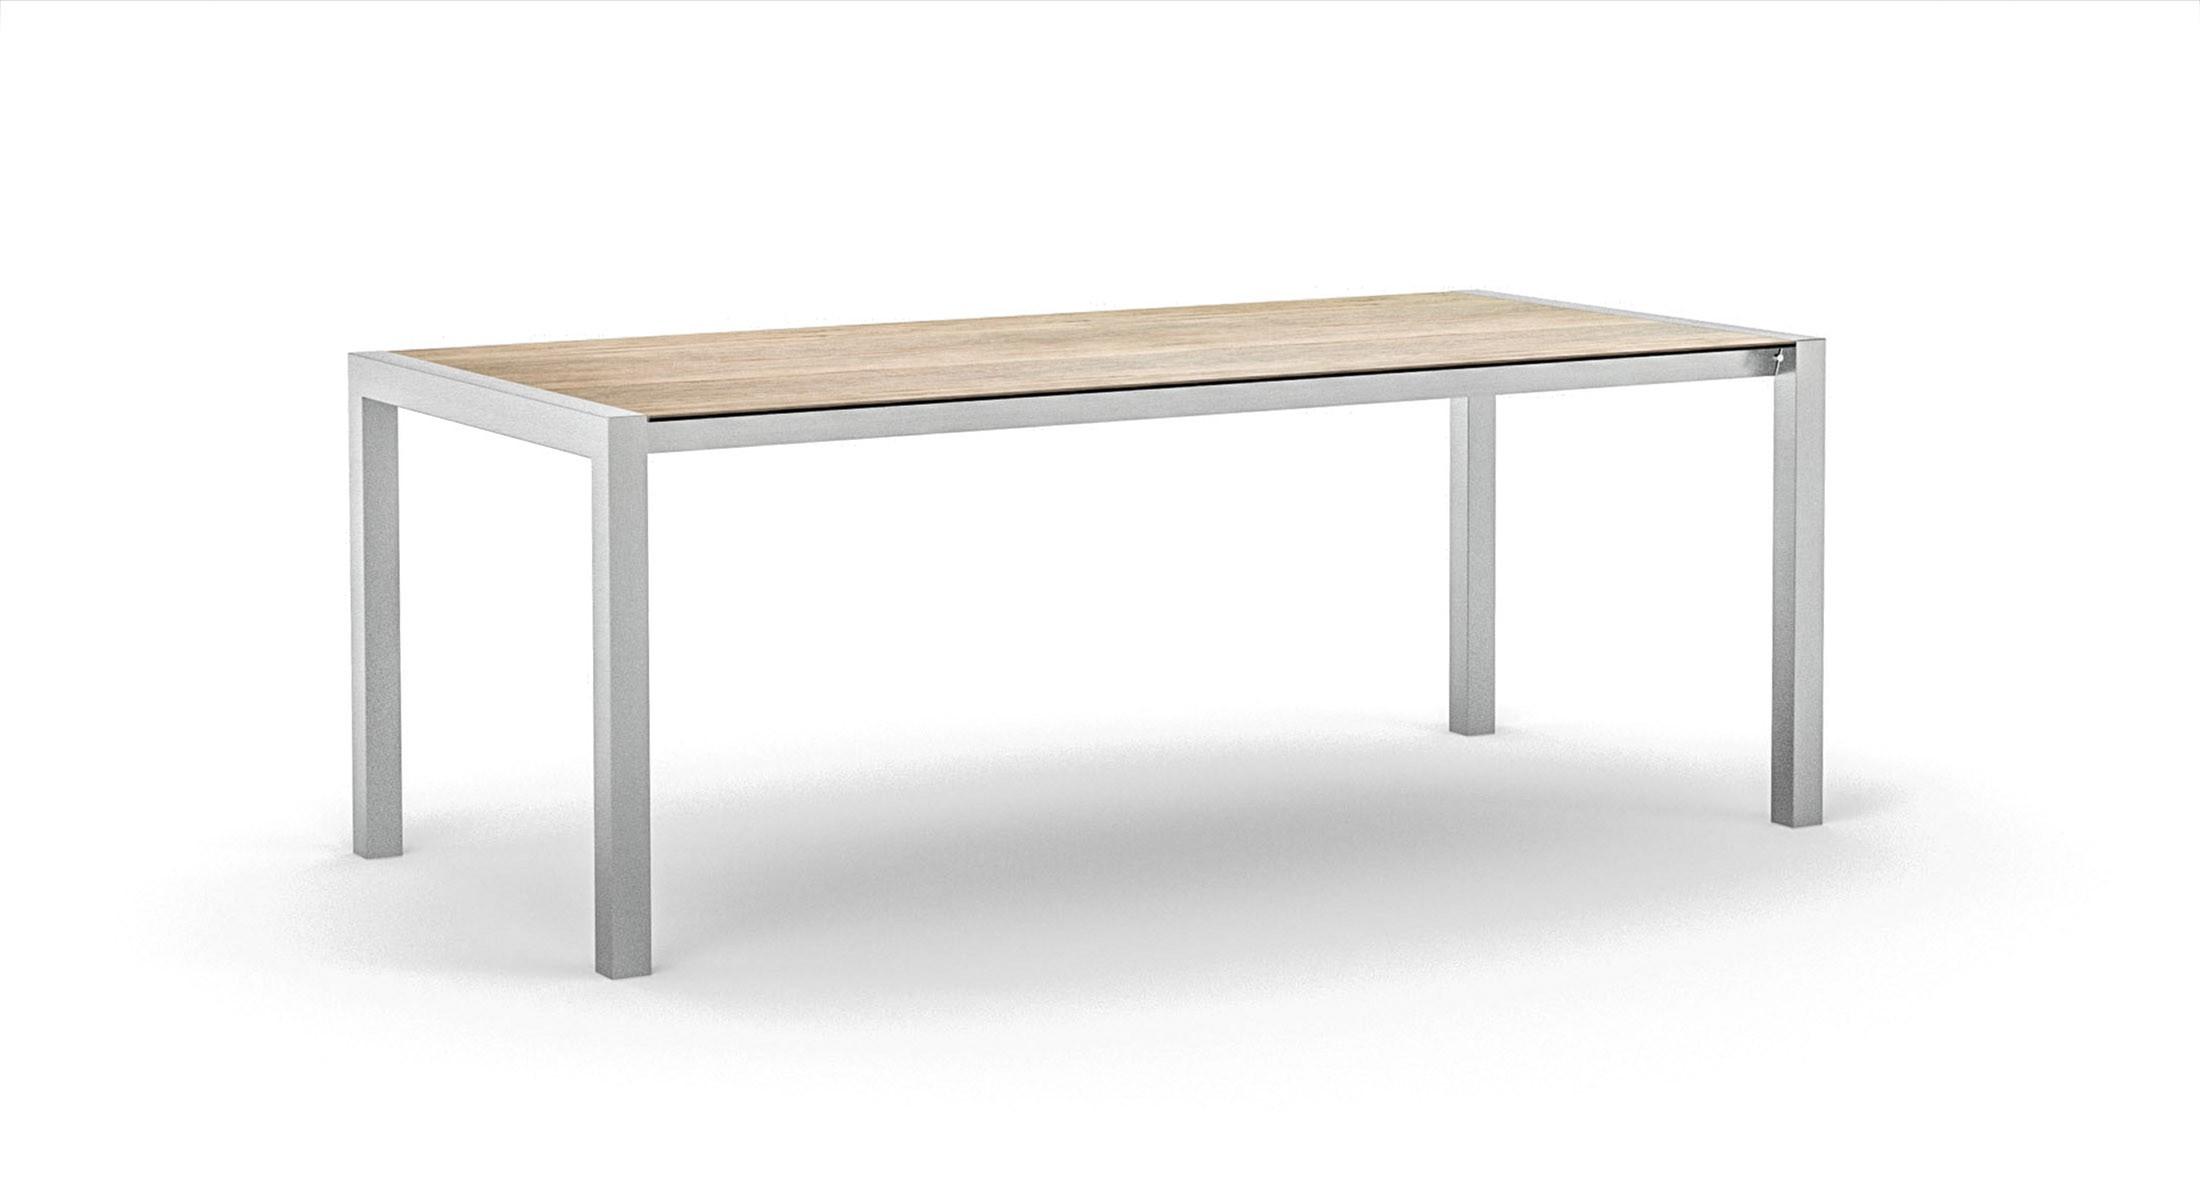 Sydney stół rozkładany 220-280 cm